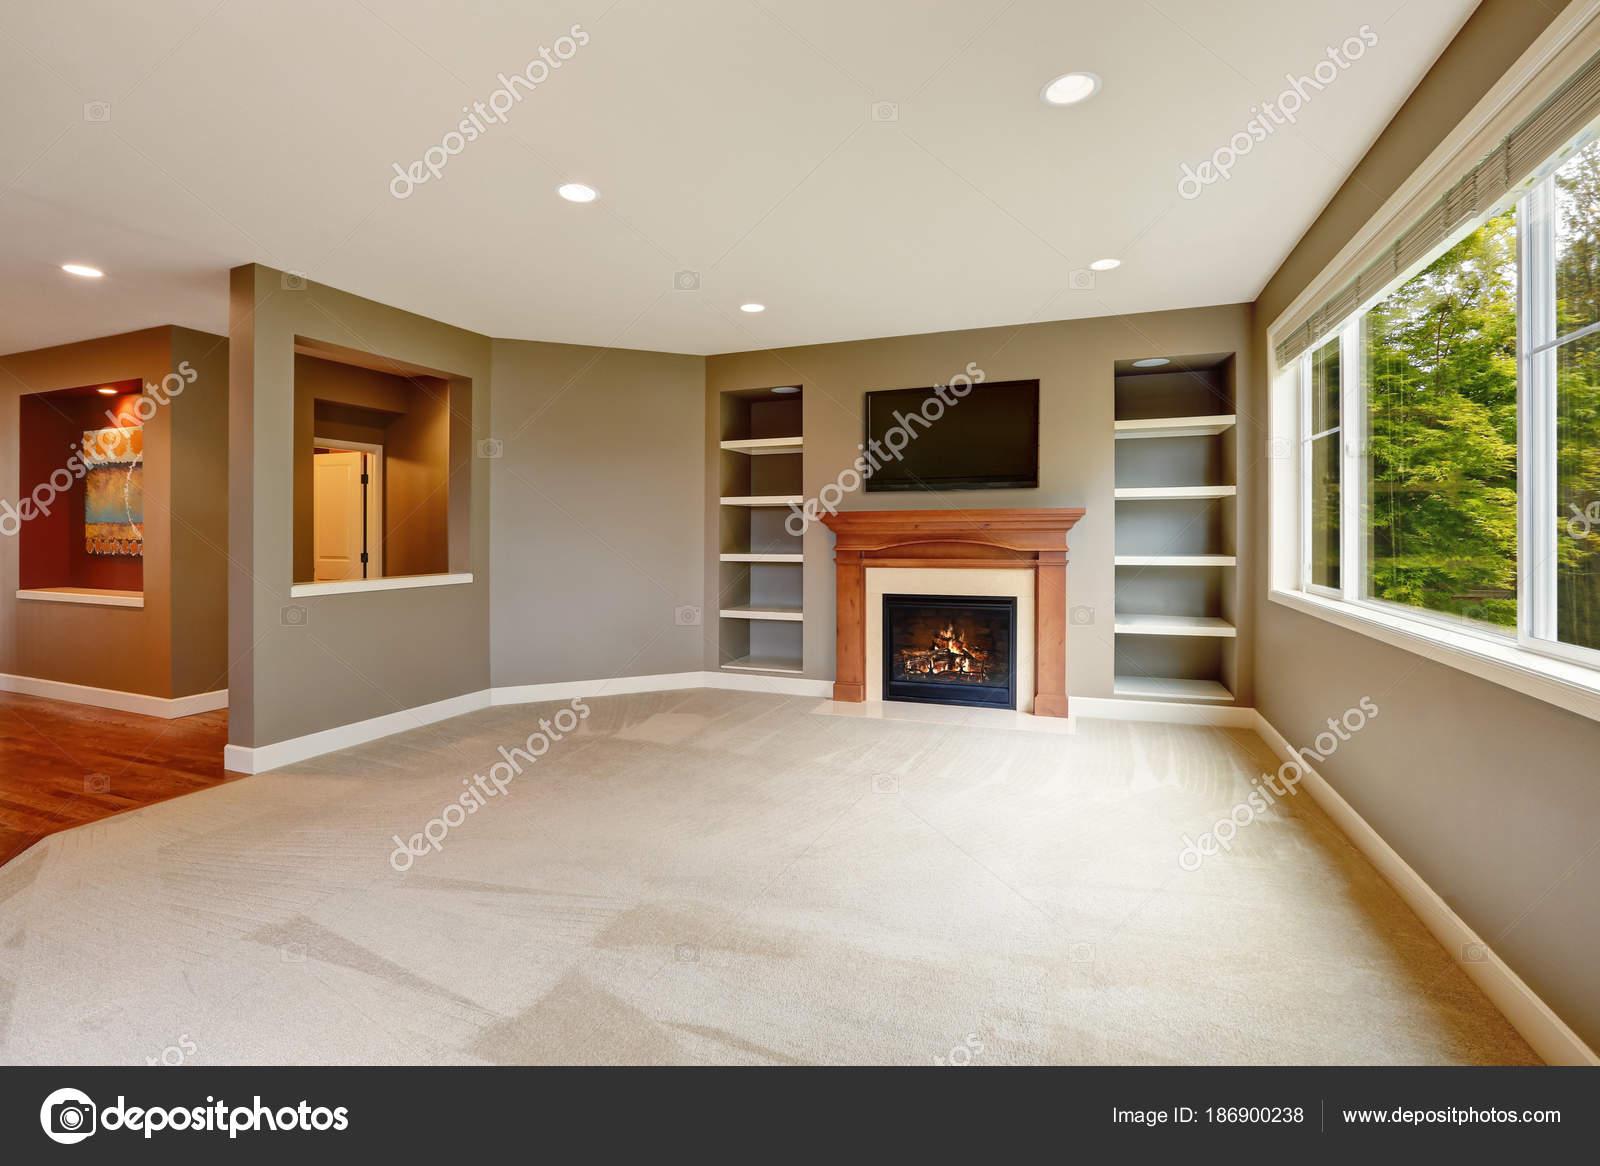 Marrón de sala interior con chimenea y libreros — Foto de stock ...